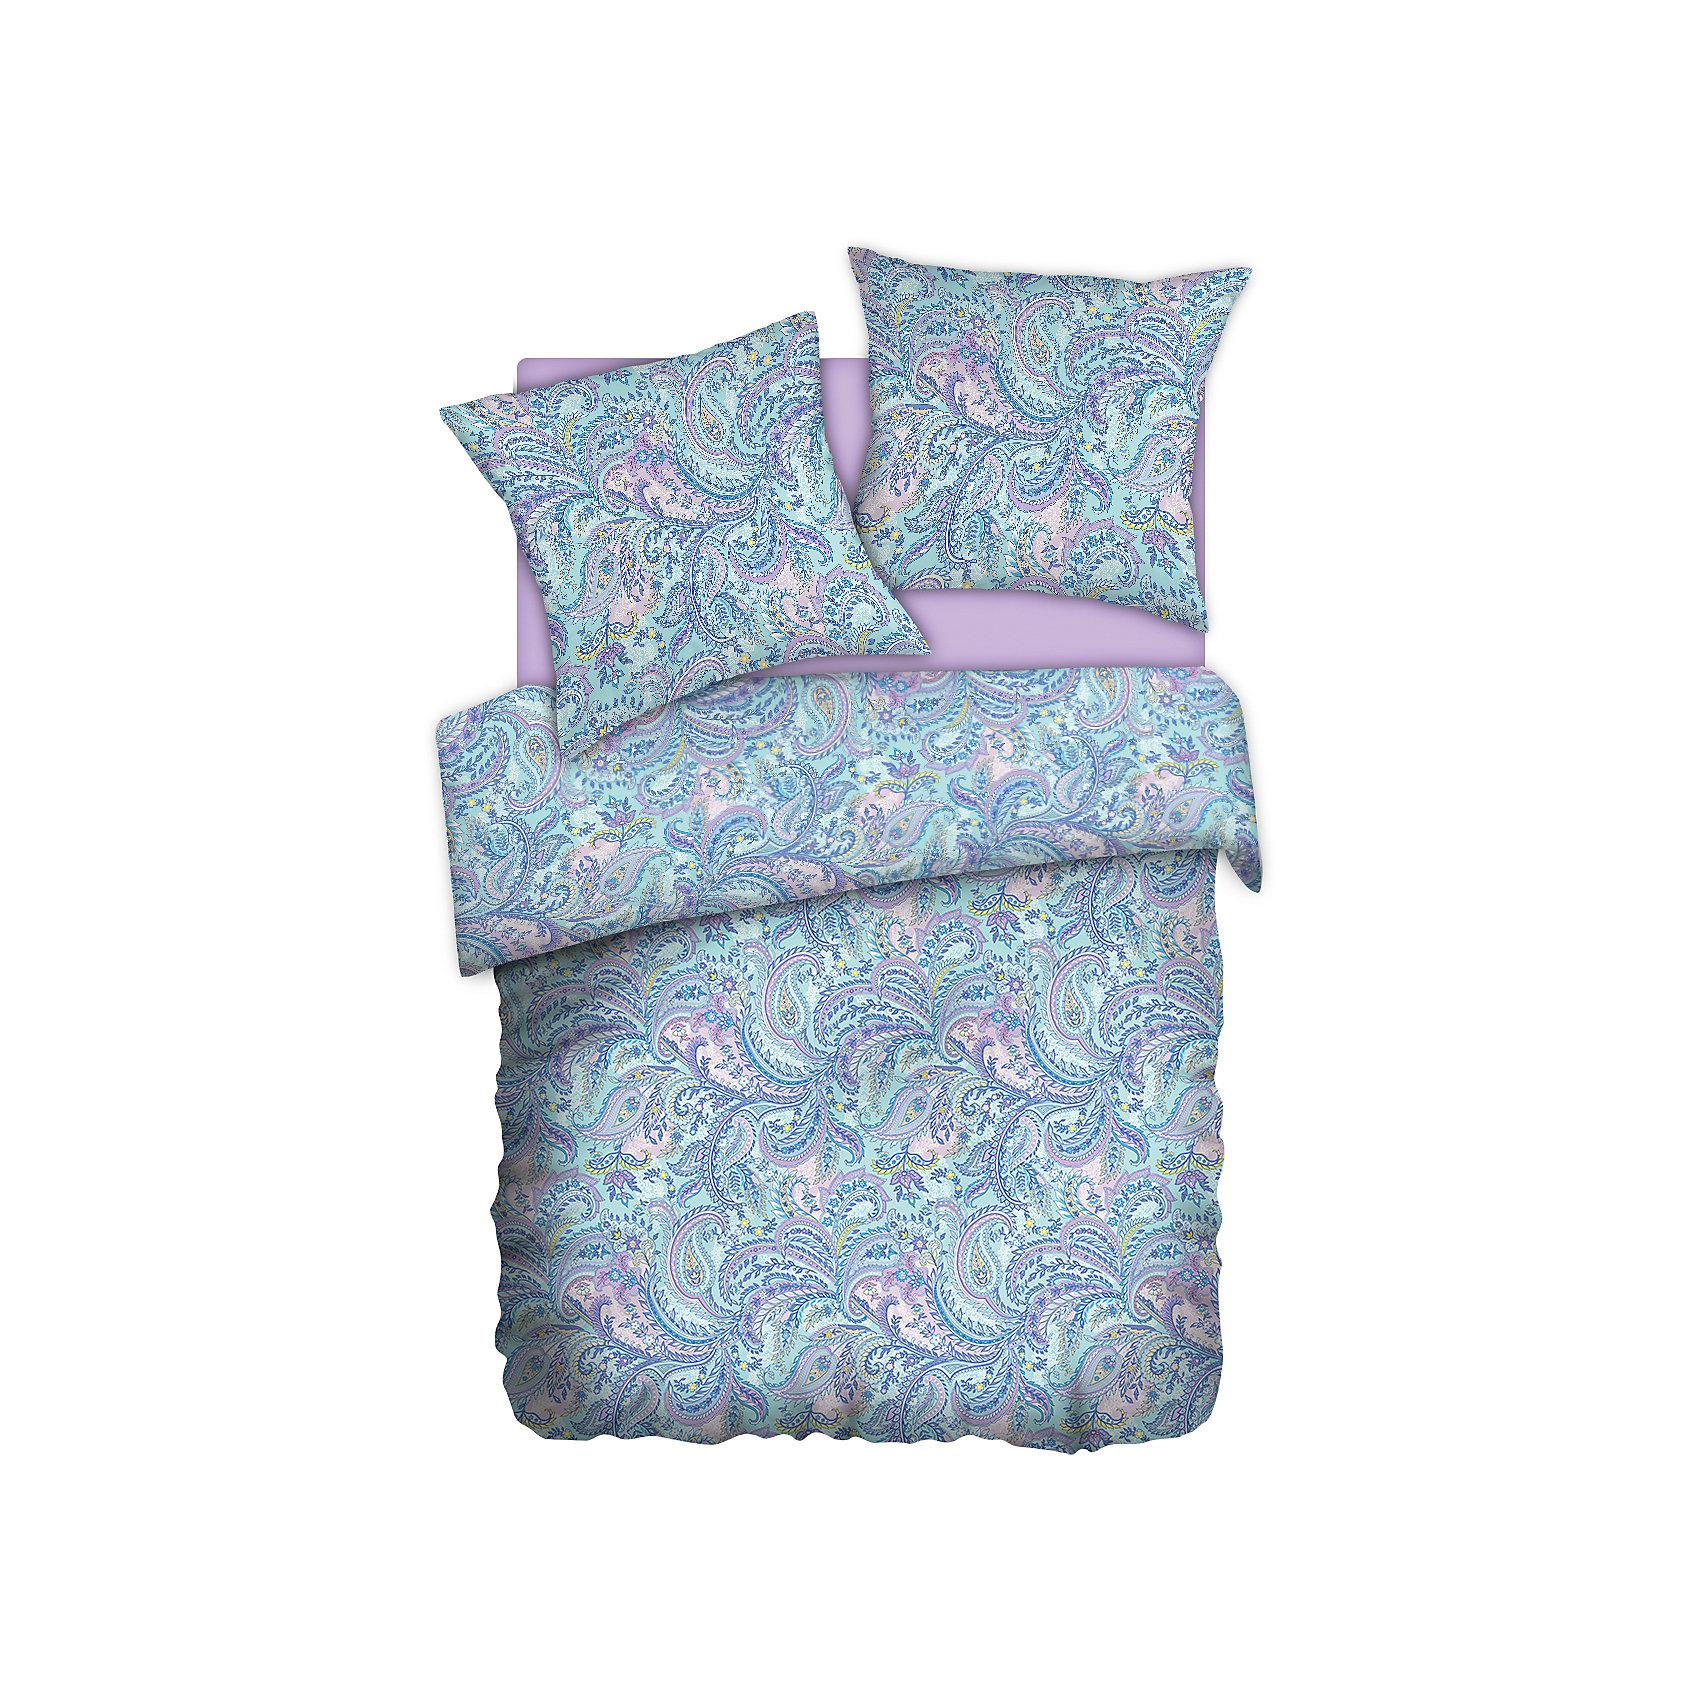 Постельное белье 1,5 Paisley lazure (70*70), перкаль, Carte BlancheДомашний текстиль<br>Постельное белье 1,5 Paisley lazure (70*70), перкаль, Carte Blanche, (Карт Бланш)<br><br>Характеристики:<br><br>• привлекательный дизайн<br>• в комплекте: пододеяльник, простыня, наволочки (2 шт.)<br>• застежка: прорезь<br>• материал: перкаль (100% хлопок)<br>• размер пододеяльника: 215х145 см<br>• размер простыни: 220х150 см<br>• размер наволочки: 70х70 см<br><br>Комплект постельного белья Carte Blanche состоит из пододеяльника, простыни и двух наволочек. Они изготовлены из высококачественной ткани - перкаль. Перкаль - хлопковый материал из тончайших некрученых нитей. обладающий высокой прочностью. Белье не меняет свой вид и не выцветает после многочисленных стирок.  Специальная пропитка Wise Silk придаст белью мягкость. Комплект украшен приятным узором, создающим атмосферу гармонии в вашей спальне. Высококачественное постельное белье - залог крепкого и здорового сна!<br><br>Постельное белье 1,5 Paisley lazure (70*70), перкаль, Carte Blanche, (Карт Бланш) можно купить в нашем интернет-магазине.<br><br>Ширина мм: 350<br>Глубина мм: 290<br>Высота мм: 150<br>Вес г: 1400<br>Возраст от месяцев: 36<br>Возраст до месяцев: 216<br>Пол: Женский<br>Возраст: Детский<br>SKU: 5288436